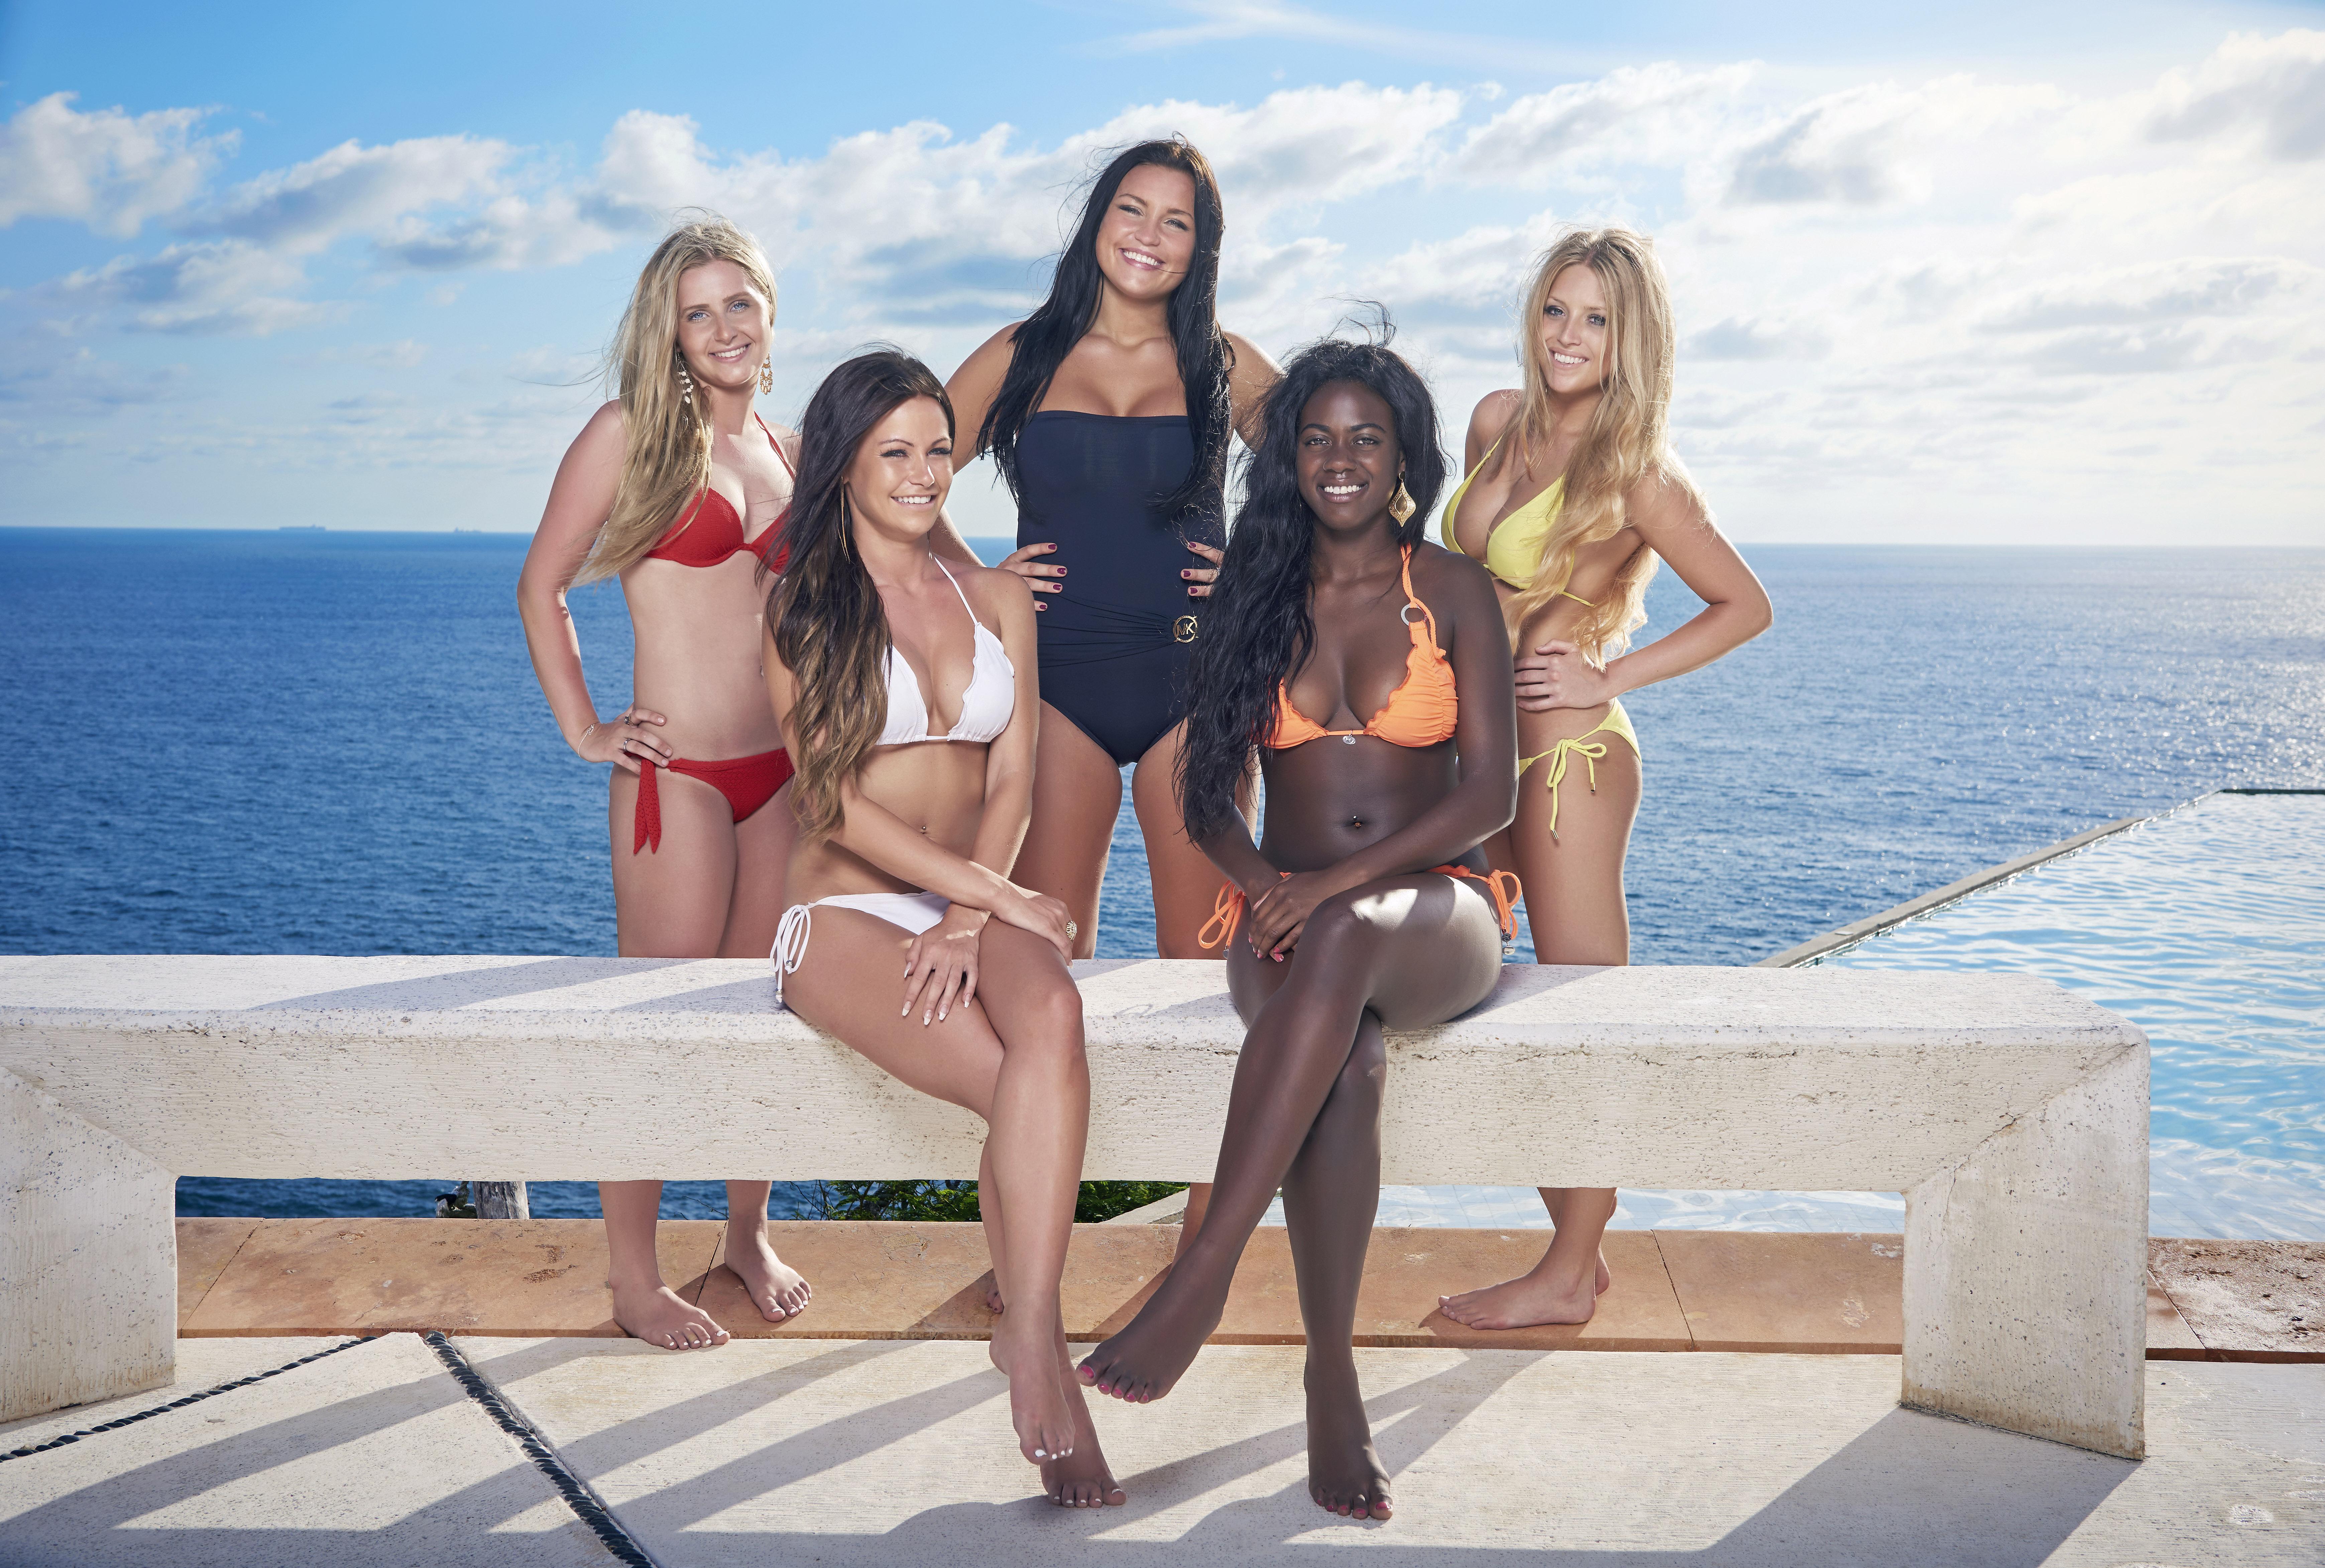 paradise hotel nakenscener nudister i norge